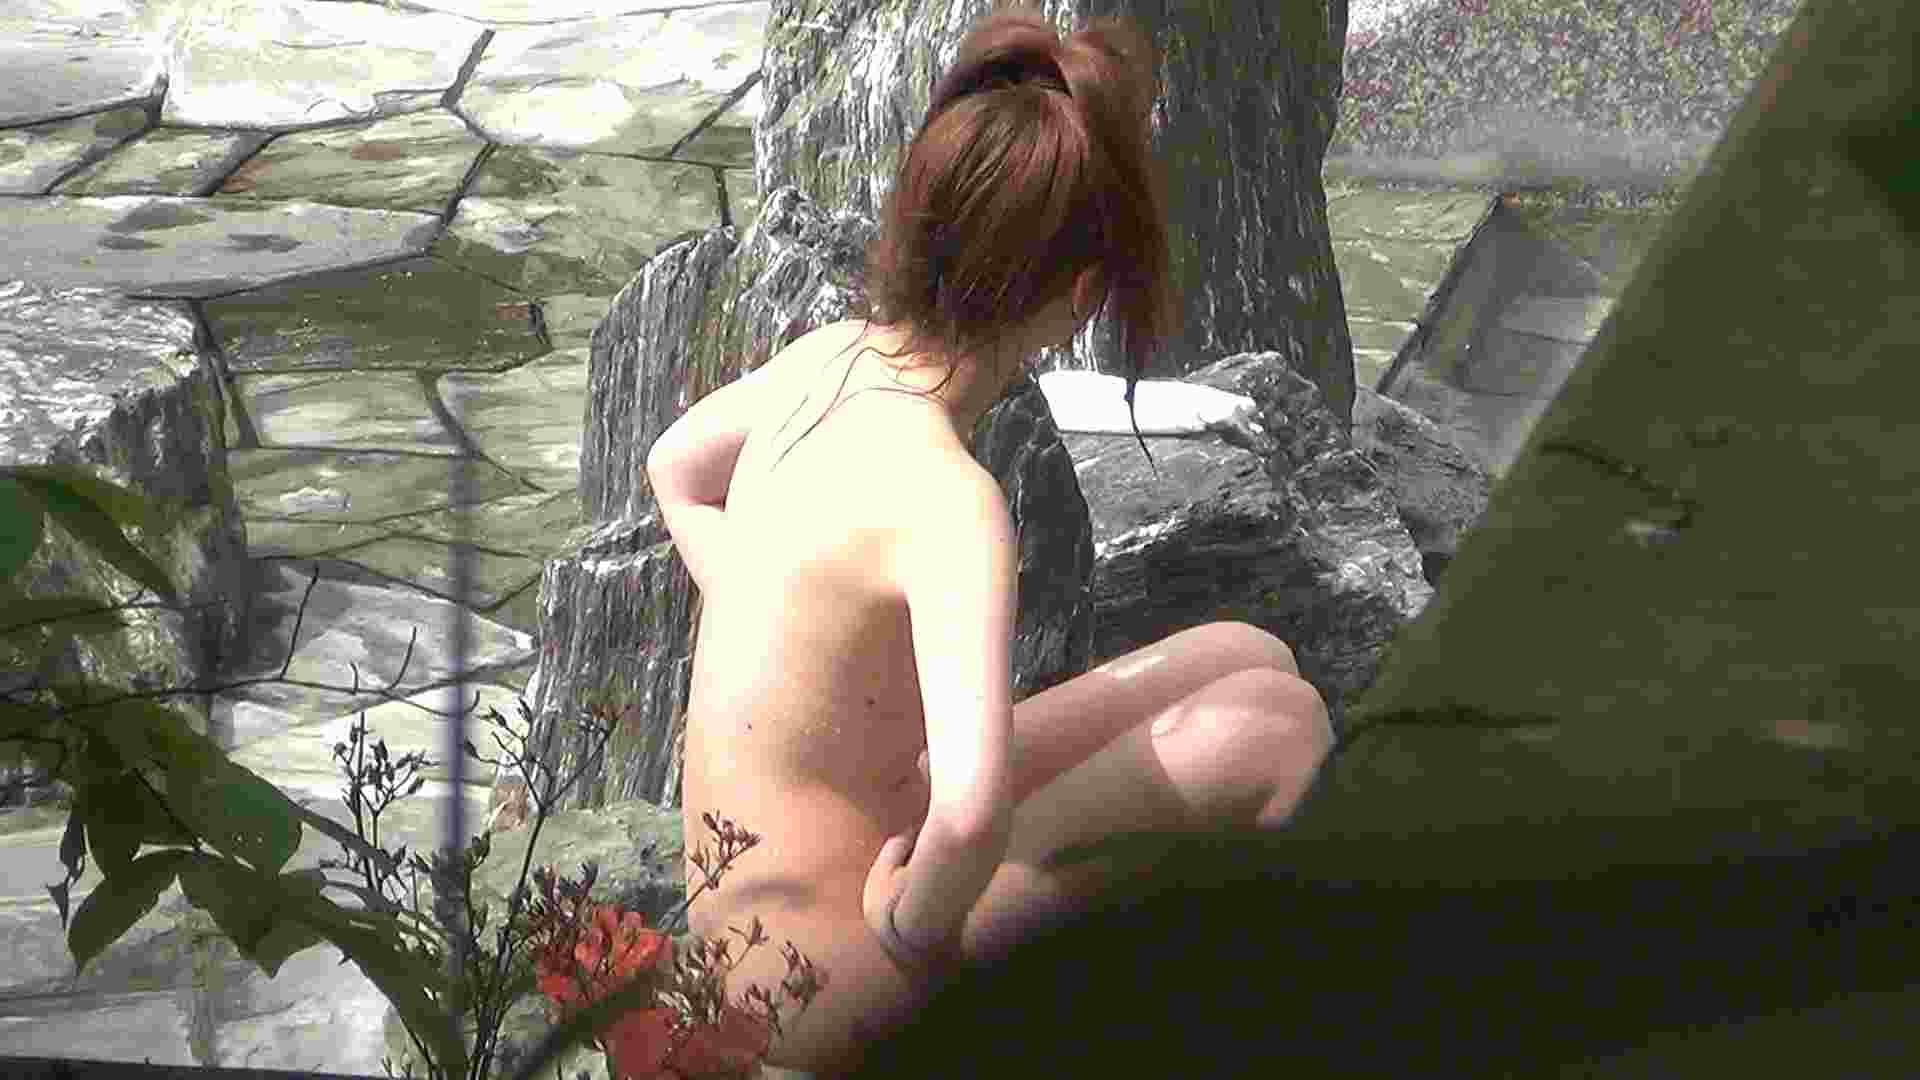 ハイビジョンVol.14 年齢とともに大きくなる心と乳首 美肌 ワレメ無修正動画無料 59画像 31